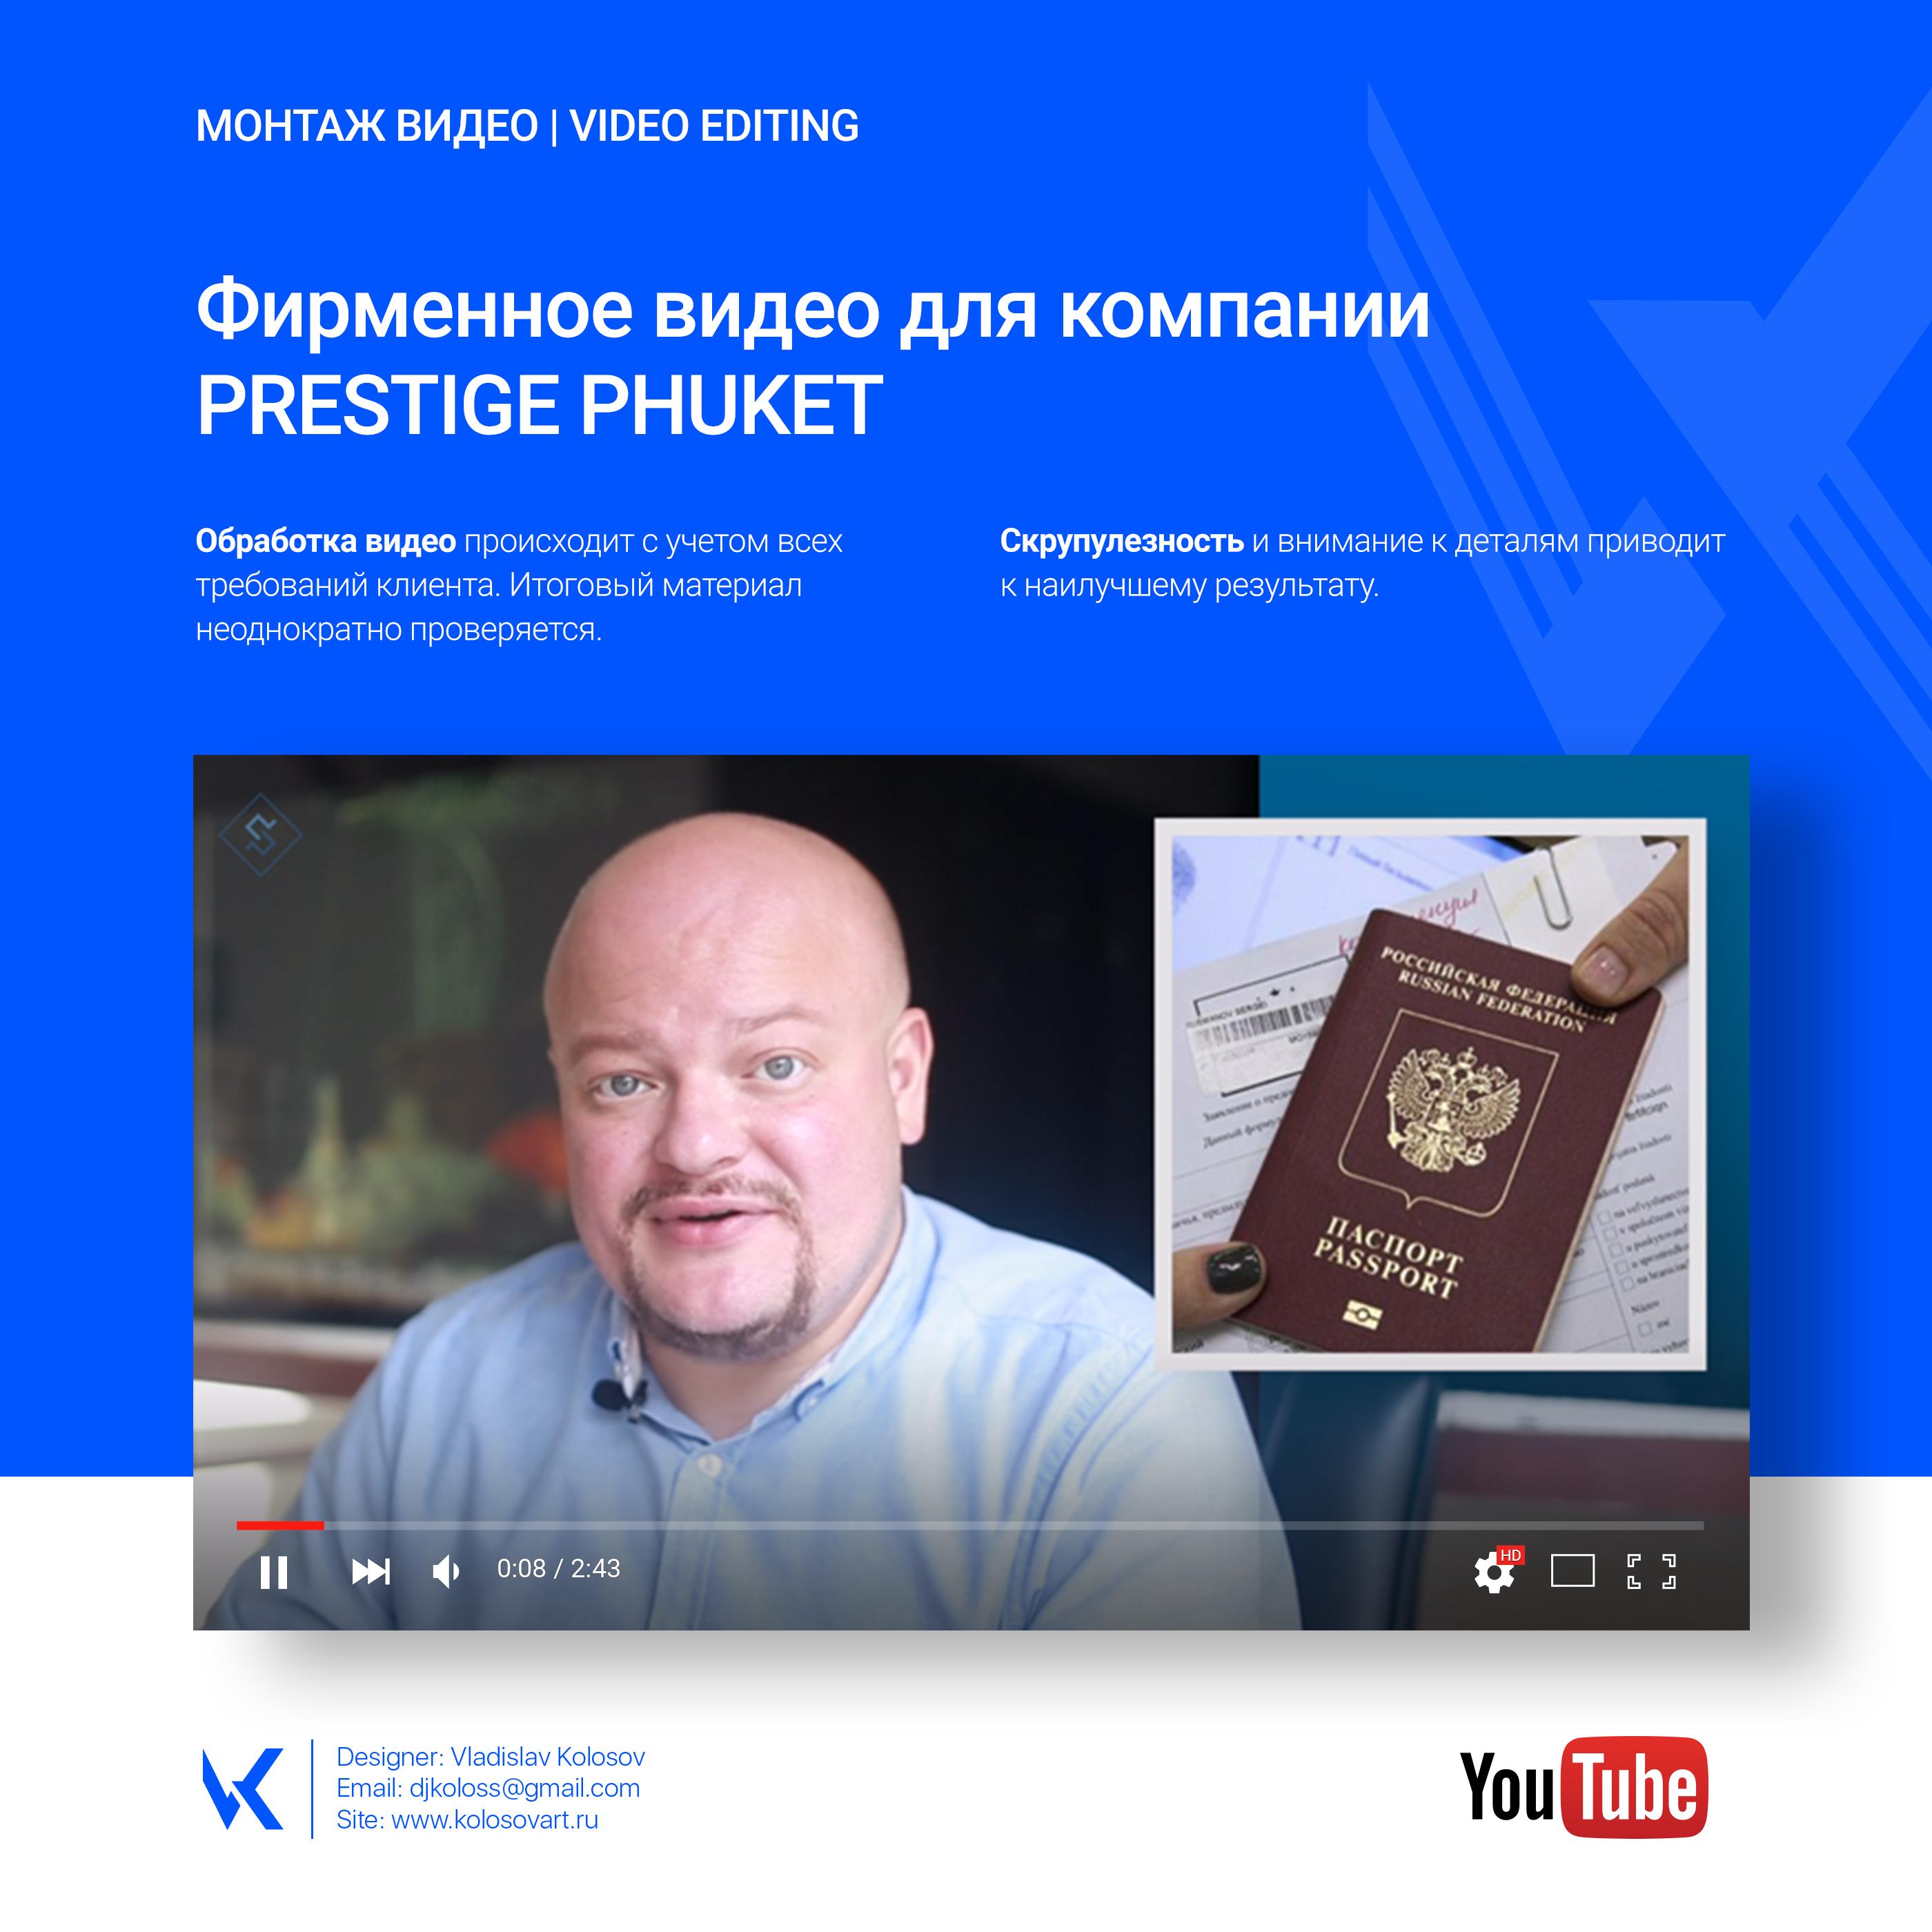 Фирменное видео для компании PRESTIGE PHUKET